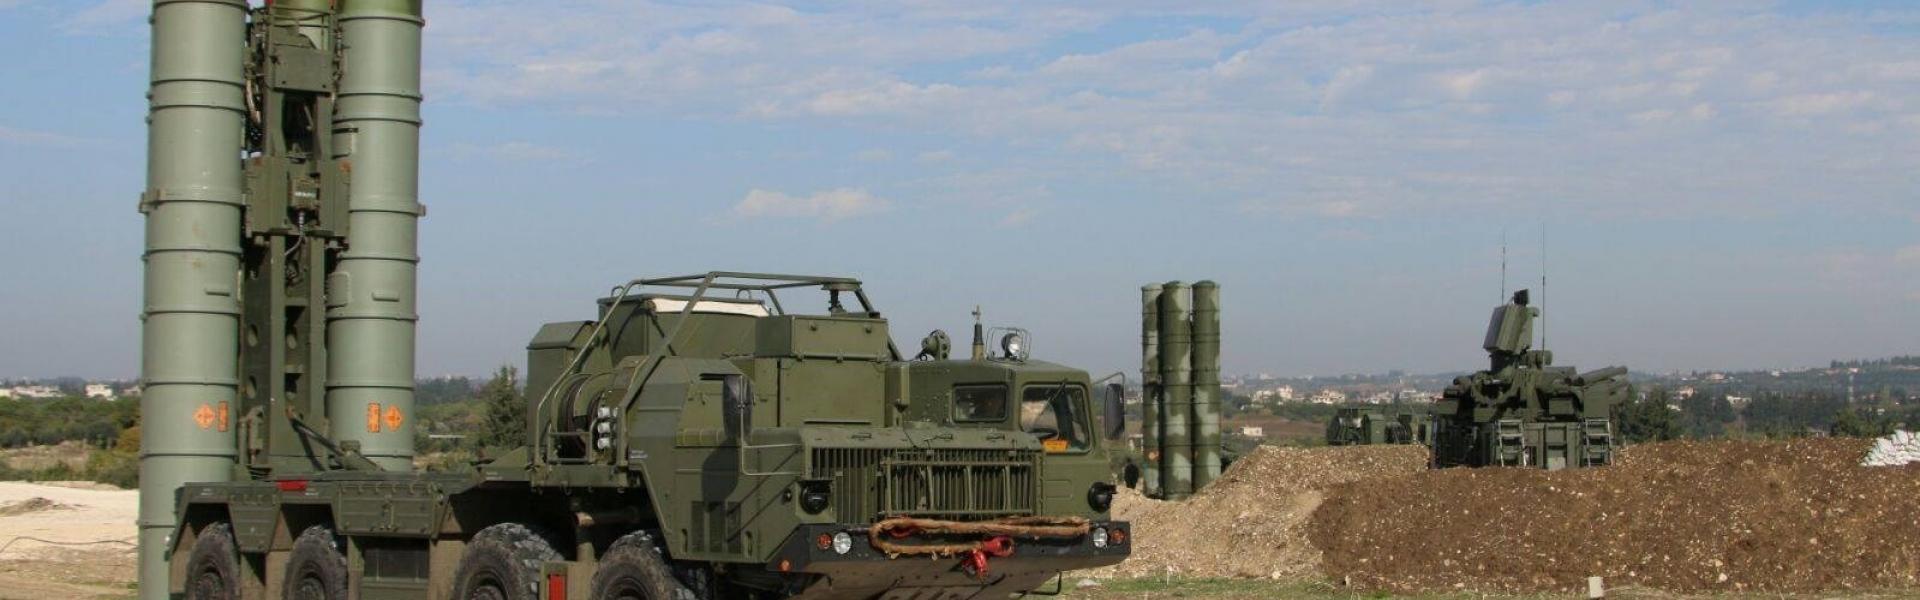 No sign of progress at NATO in U.S.-Turkey dispute over Russian defenses 2